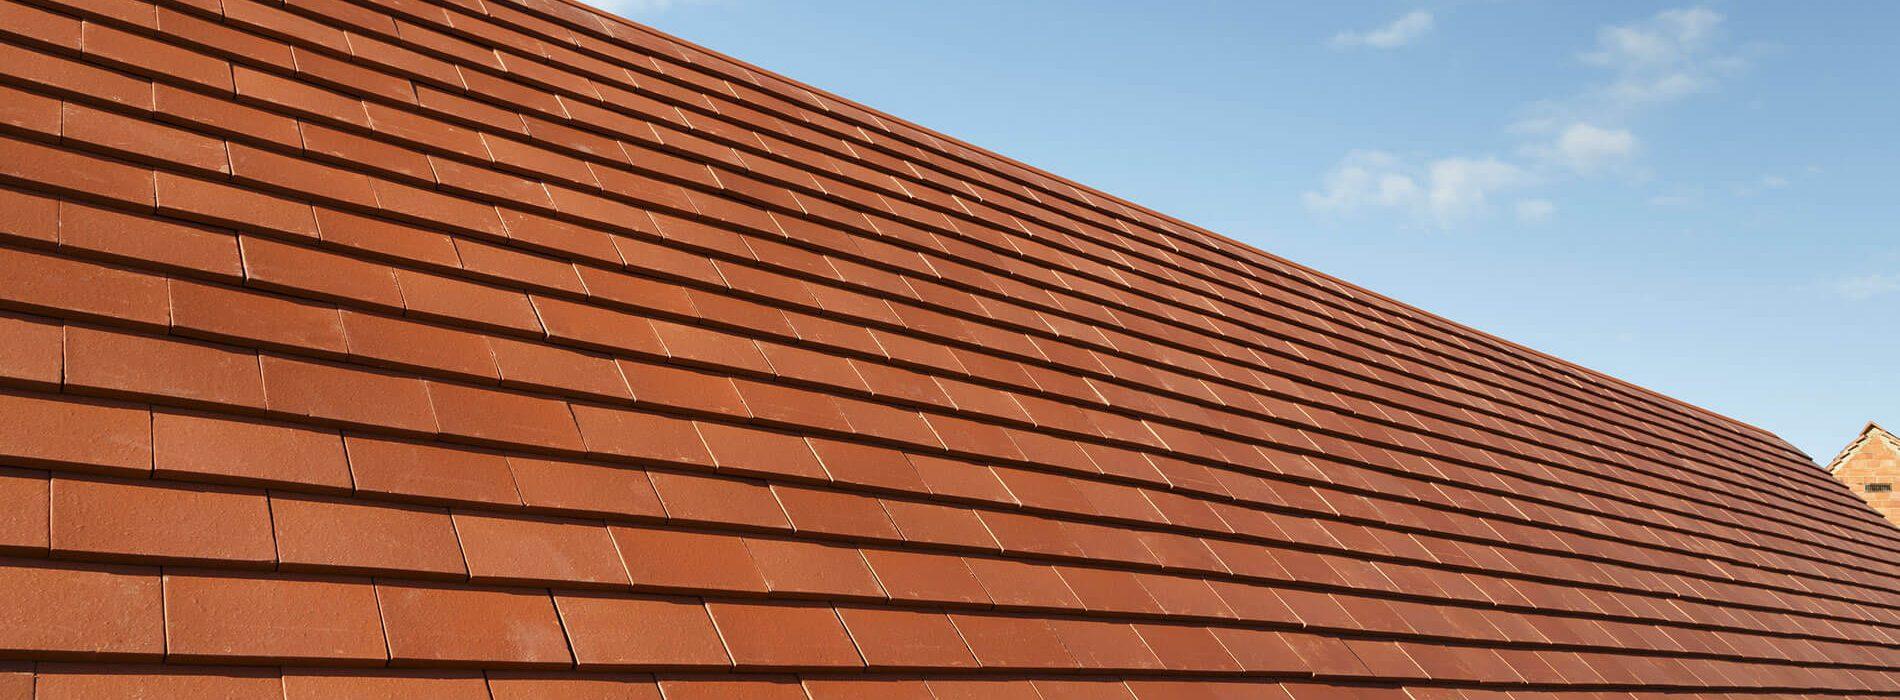 Dachdecker kleinformatige Faserzementplatten Dach Muenchen